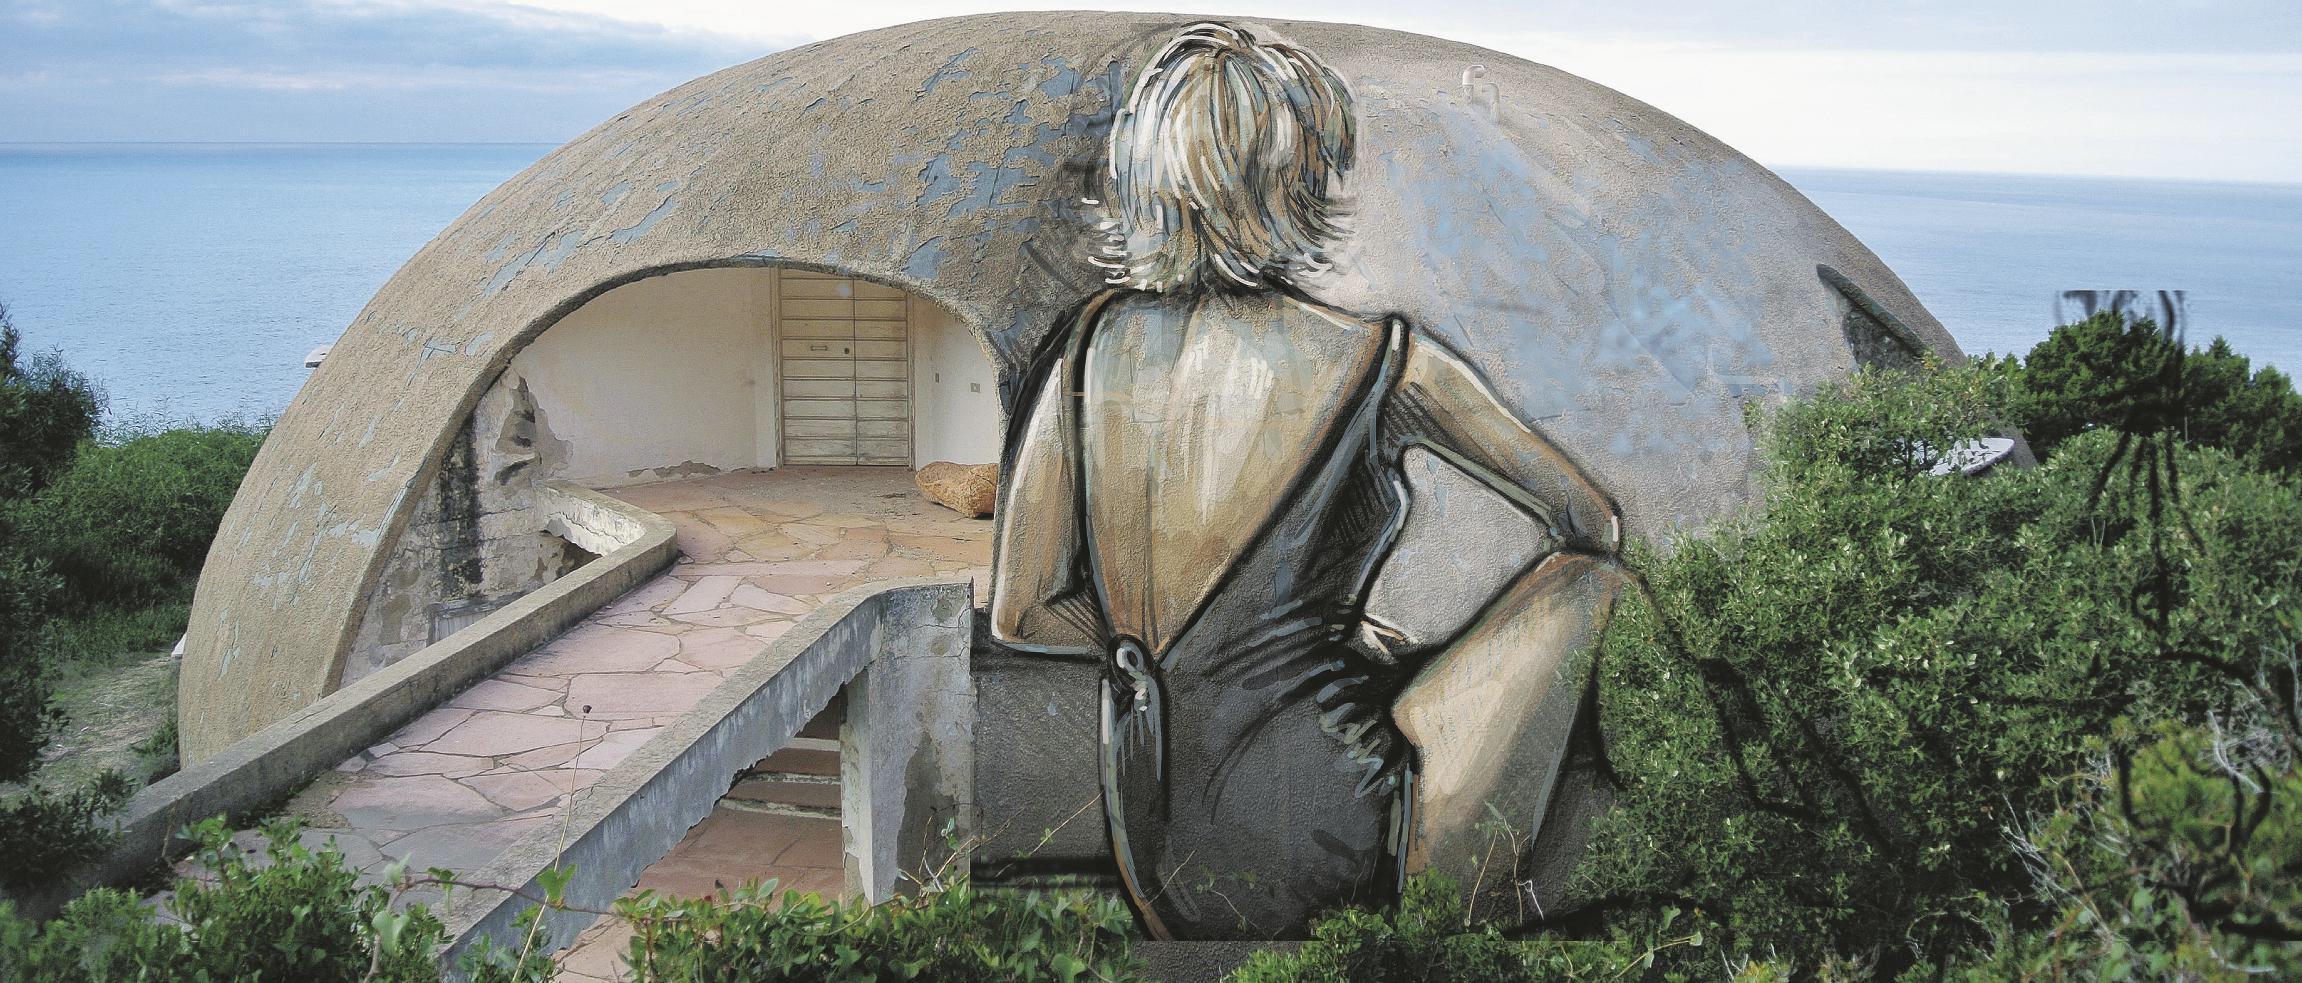 DOPO. La Cupola, Costa Paradiso, Sardegna. Sul Fatto Quotidiano del 06/10/2014 – (Bozzetto Alice Pasquini)